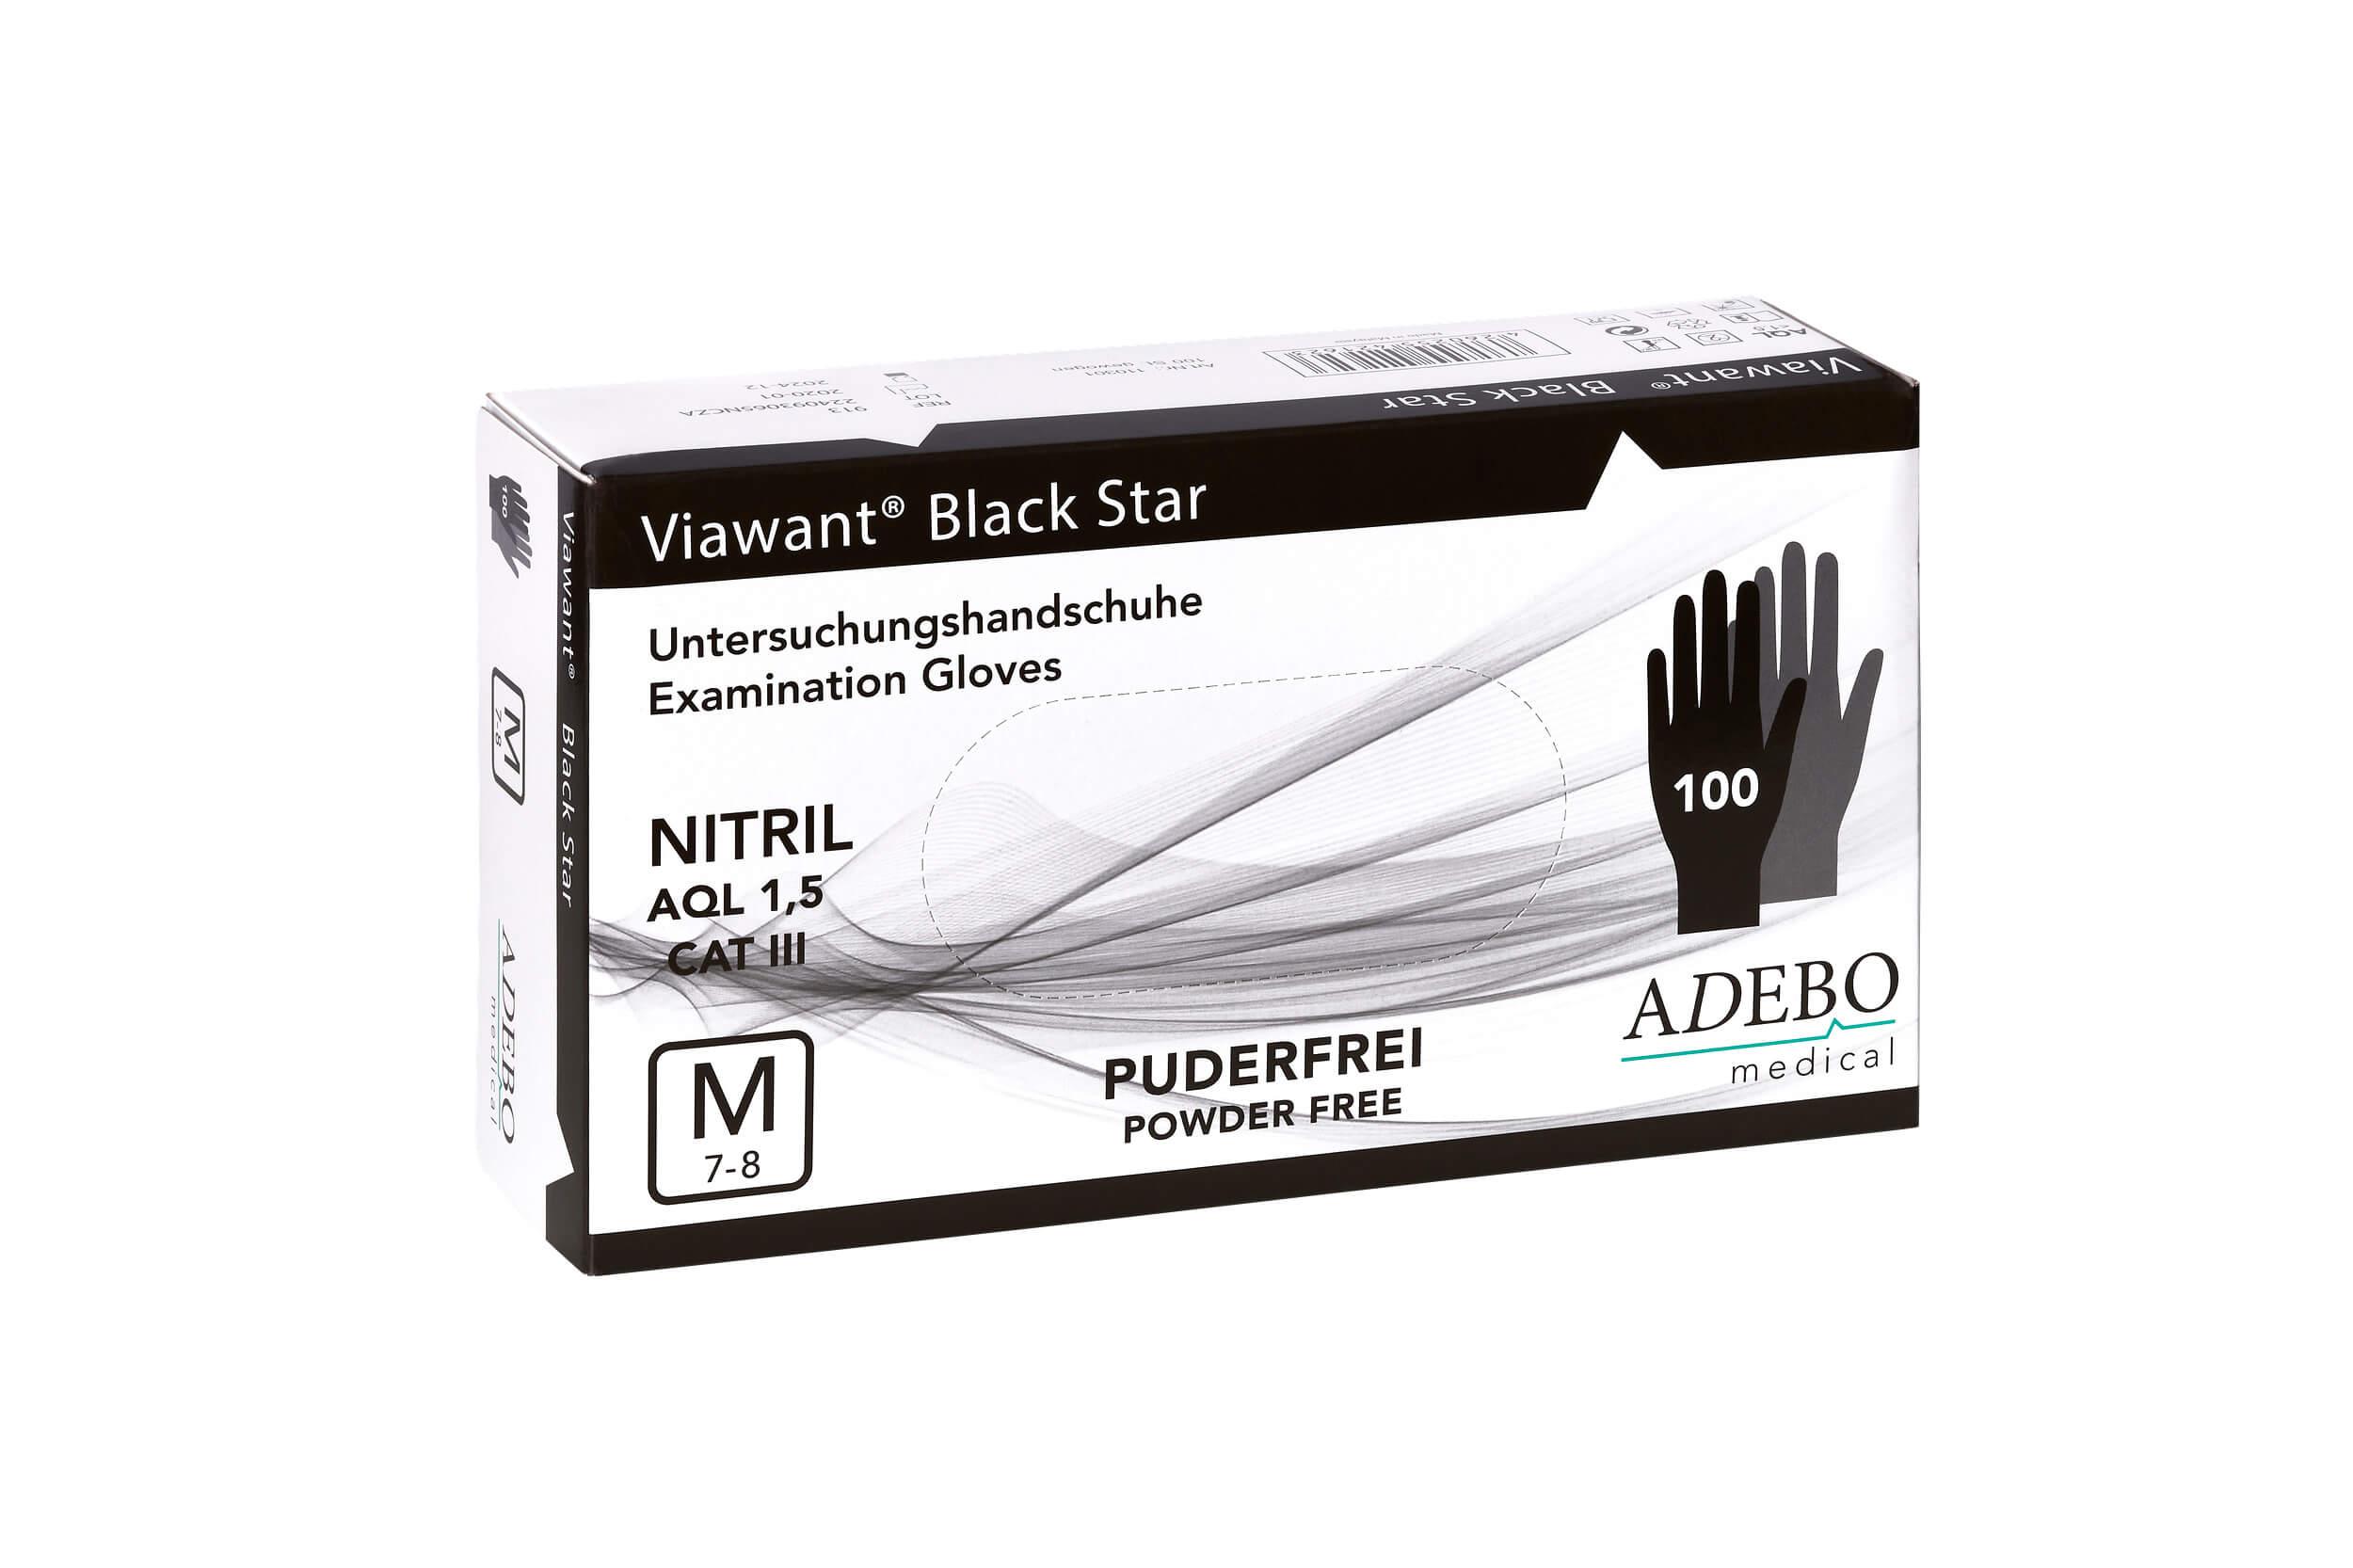 Viawant Black Star - Einmalhandschuhe aus Nitril